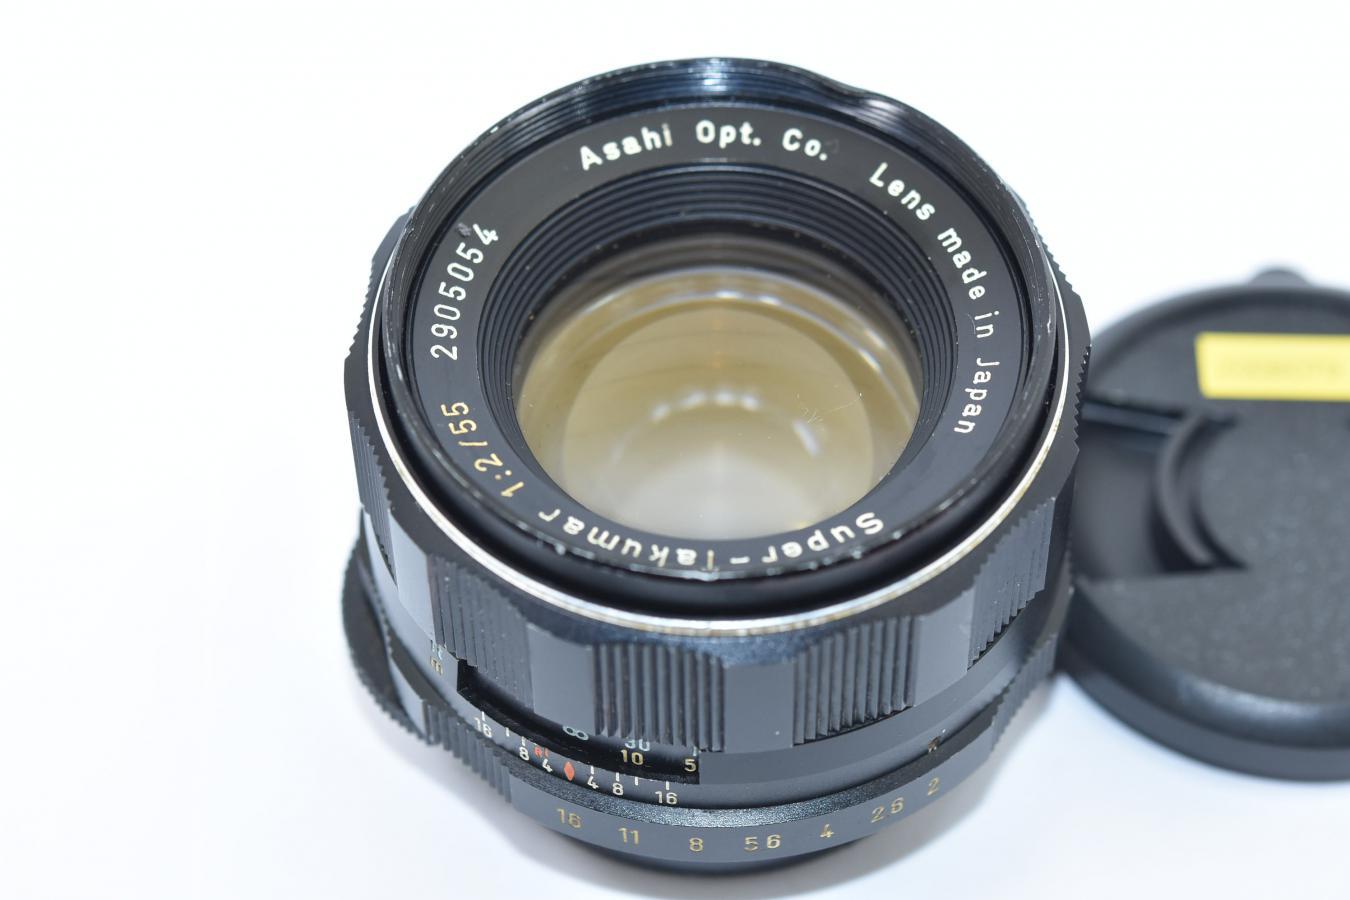 【珍 品】 PENTAX Super-Takumar 55mm F2 黄色文字 初期型【カメラ女子に絶大な人気のオールドレンズ M42マウントレンズ】